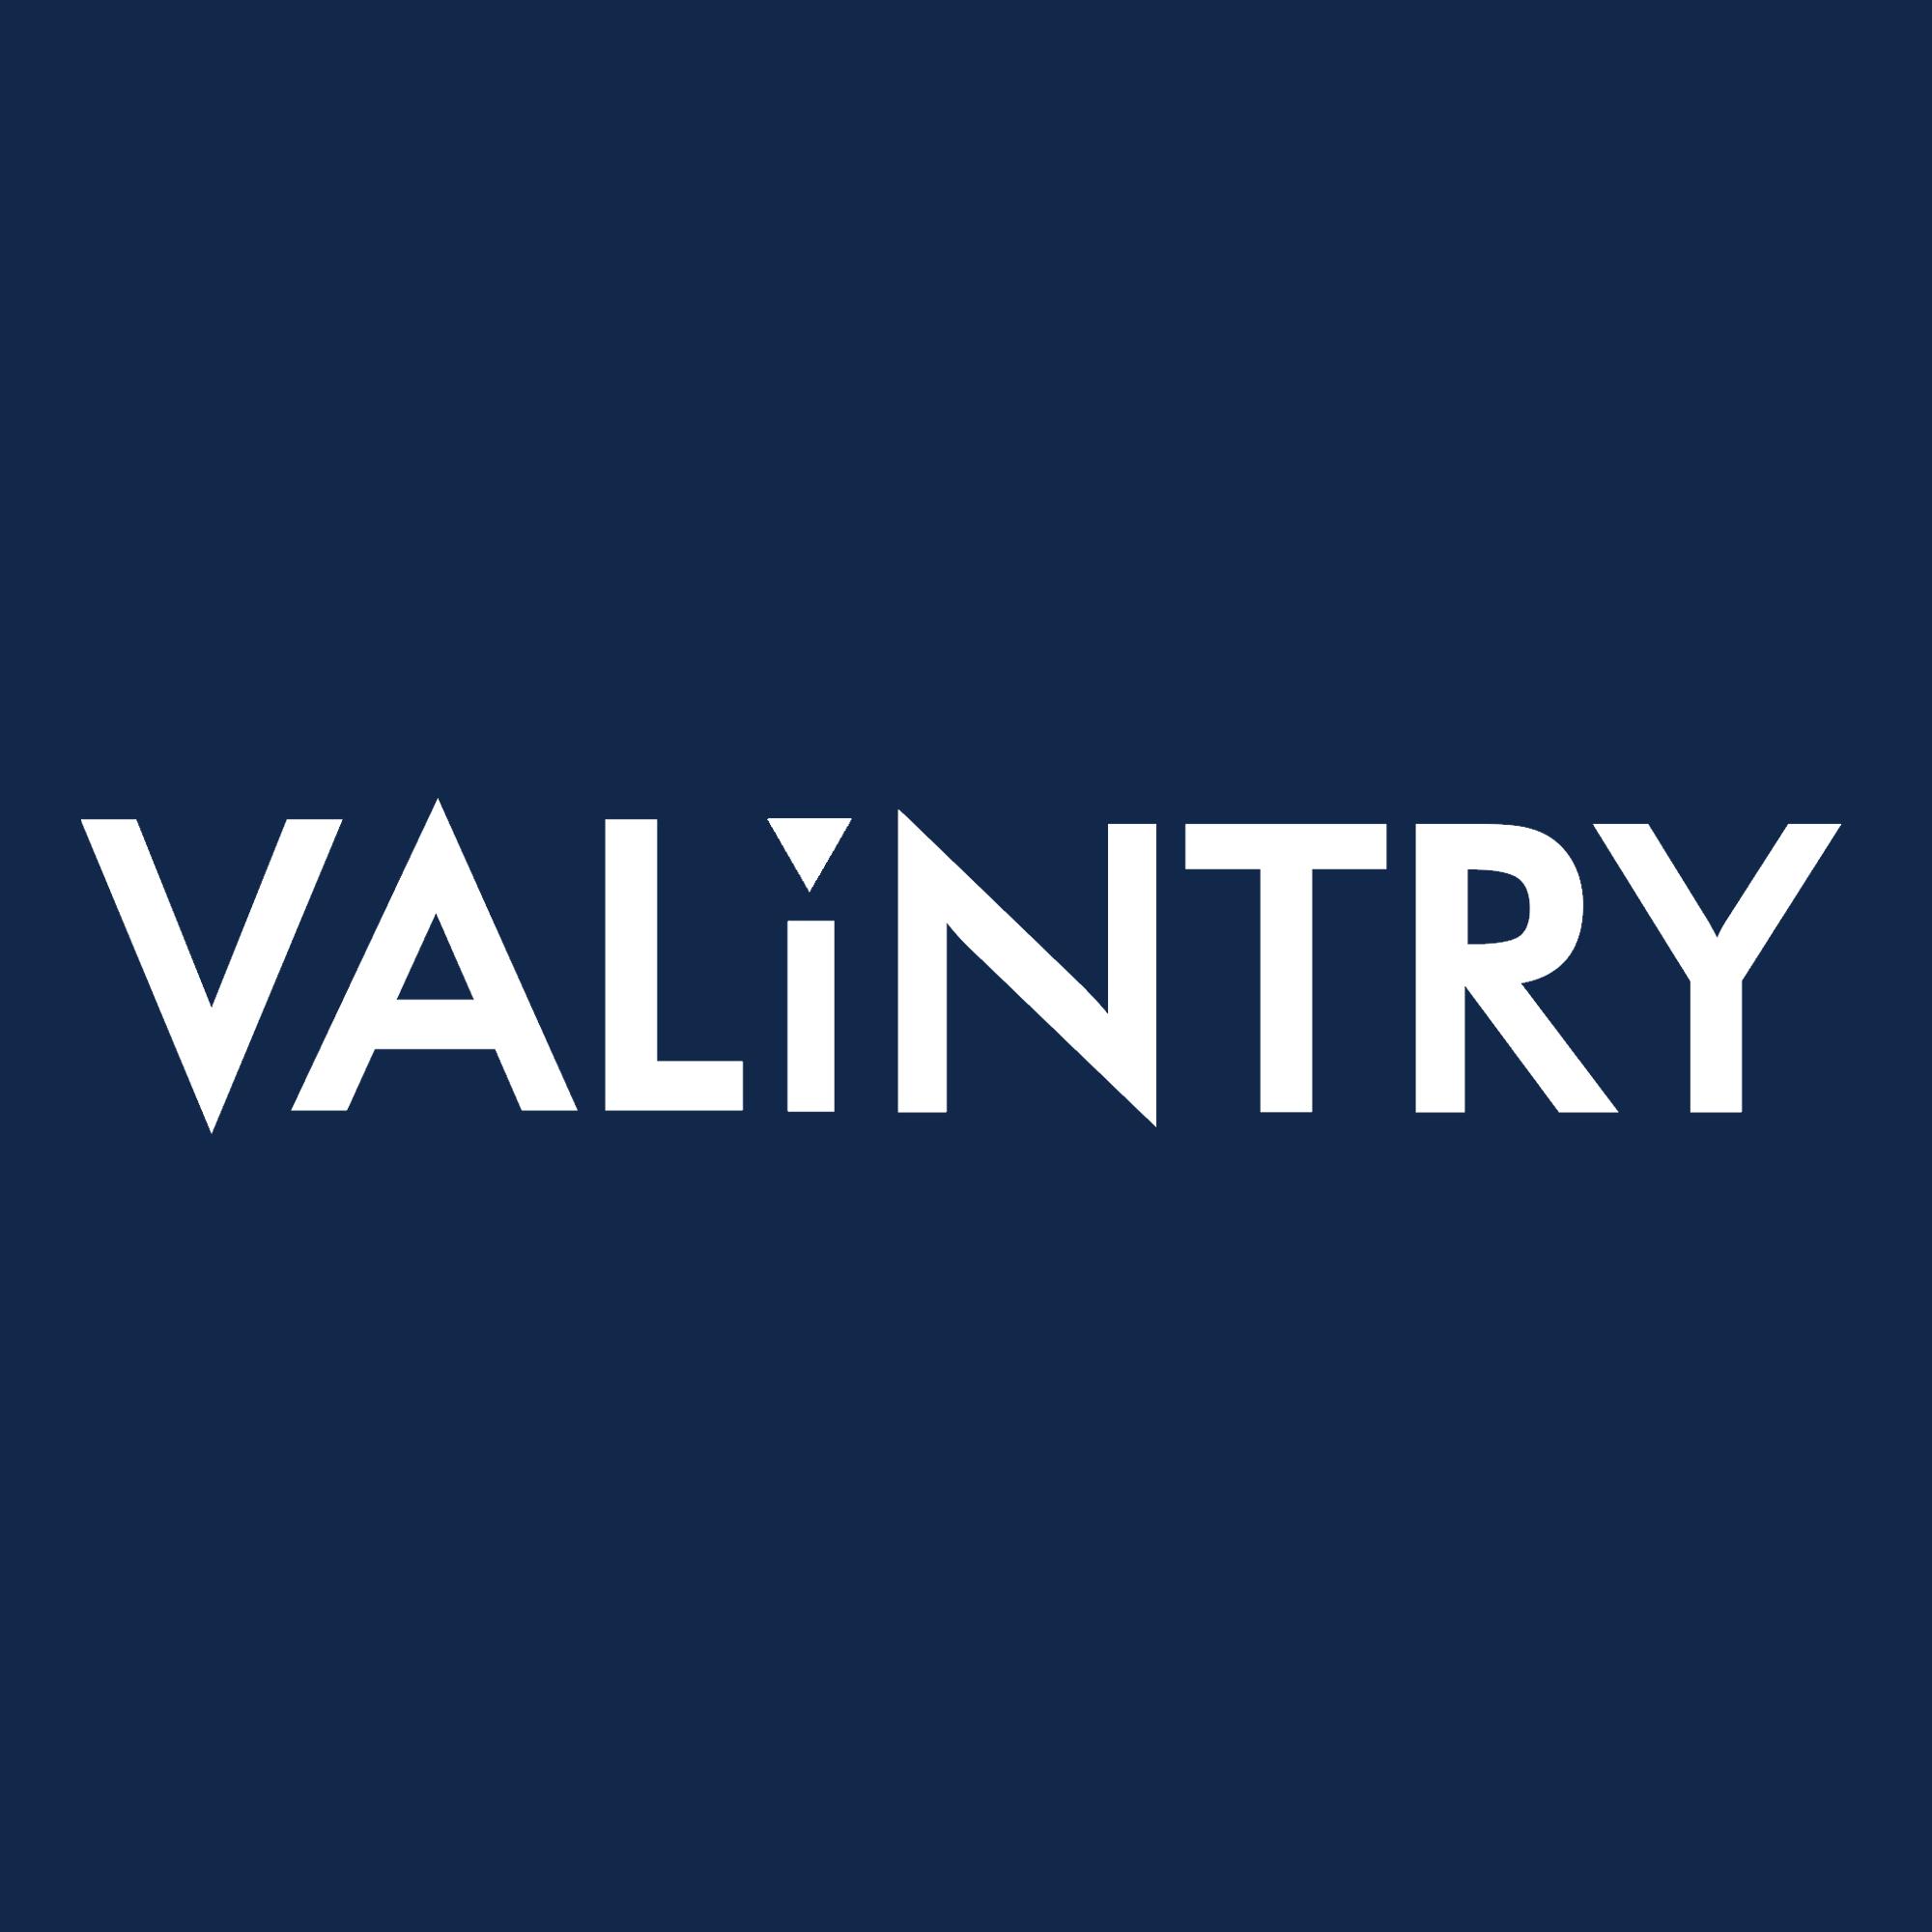 VALiNTRY